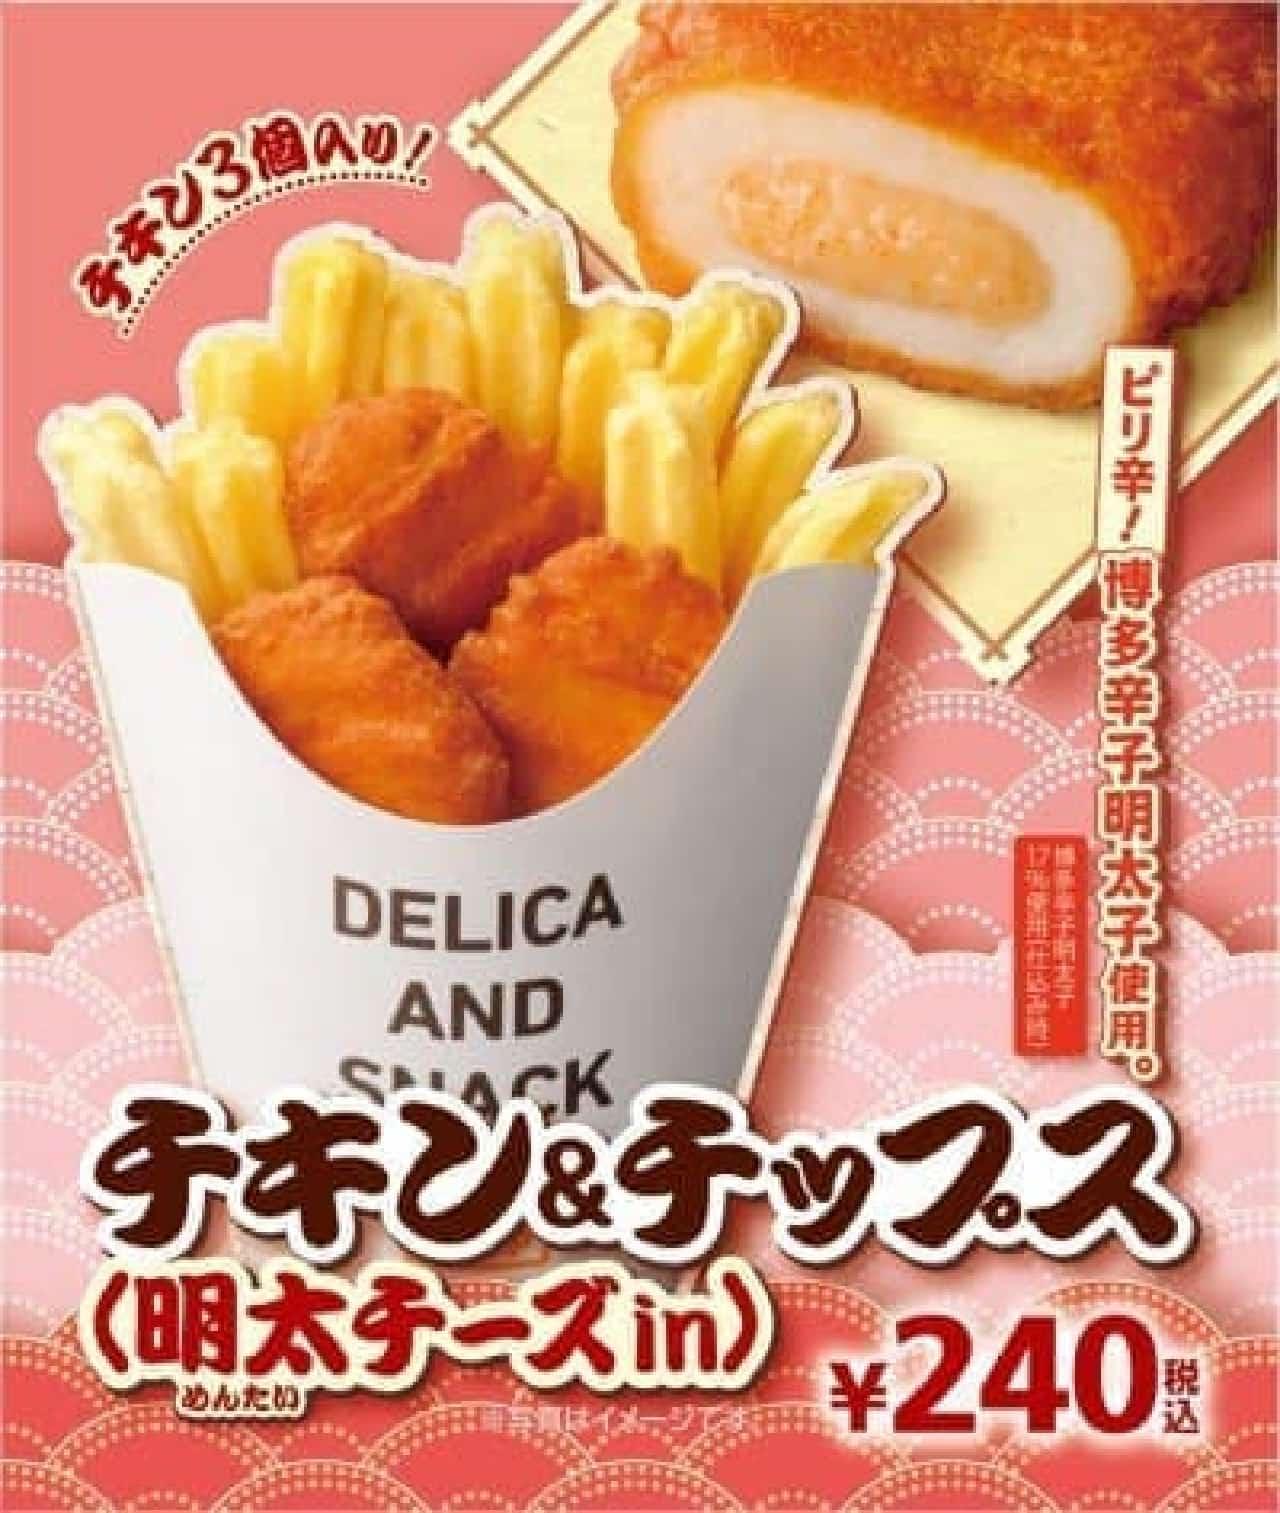 ミニストップ「チキン&チップス(明太チーズin)」